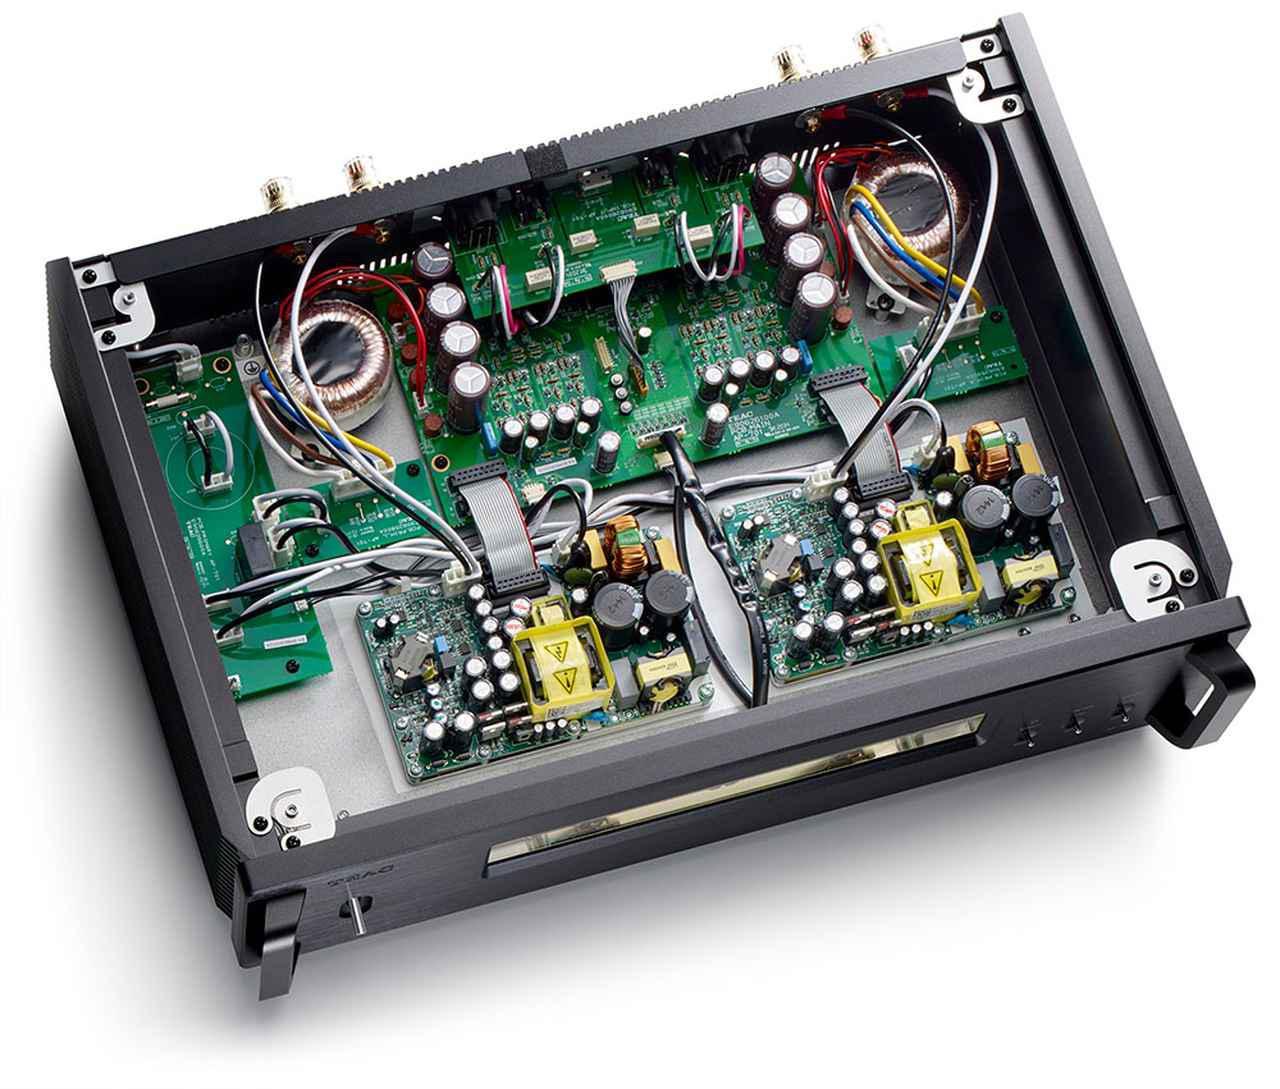 画像: ティアック、「AP-701」を5月29日より販売開始。一部パーツの入手の問題により発売が延期されていた、Reference700シリーズのステレオパワーアンプ